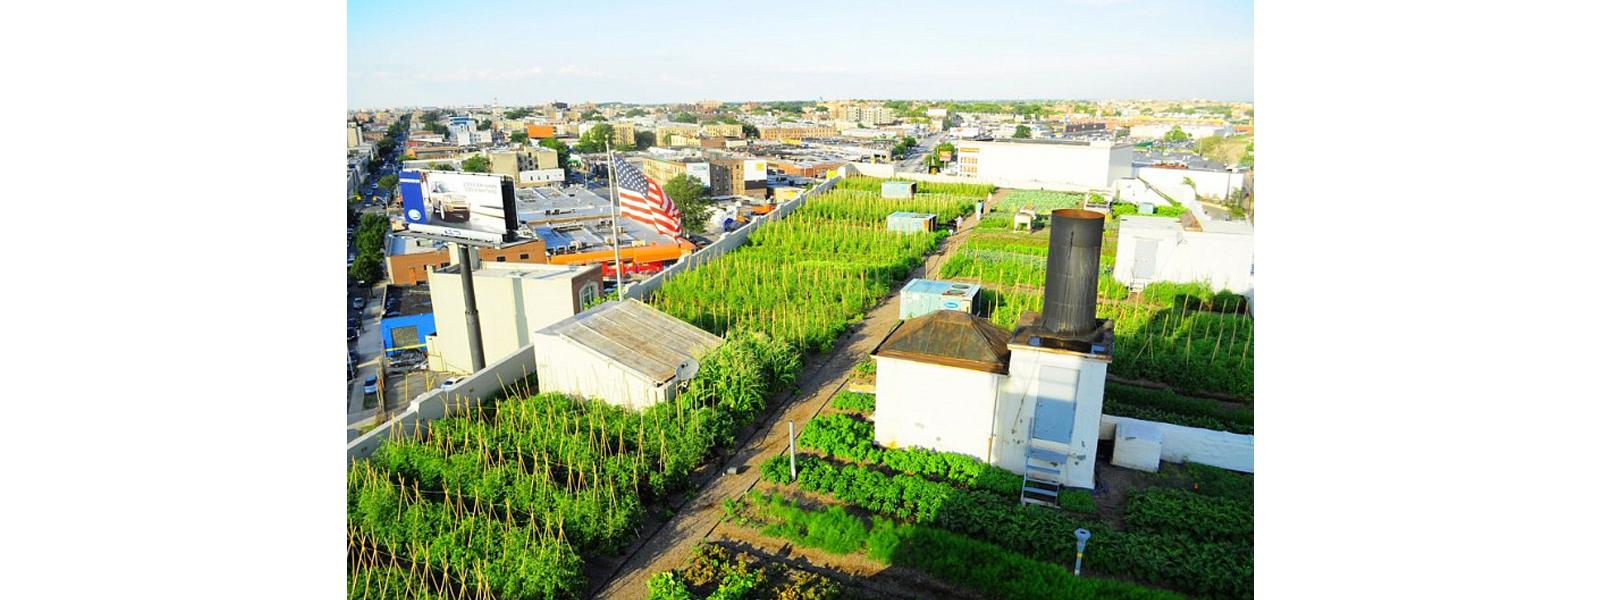 Laje técnica de edifício norte americano é transformada em uma horta urbana